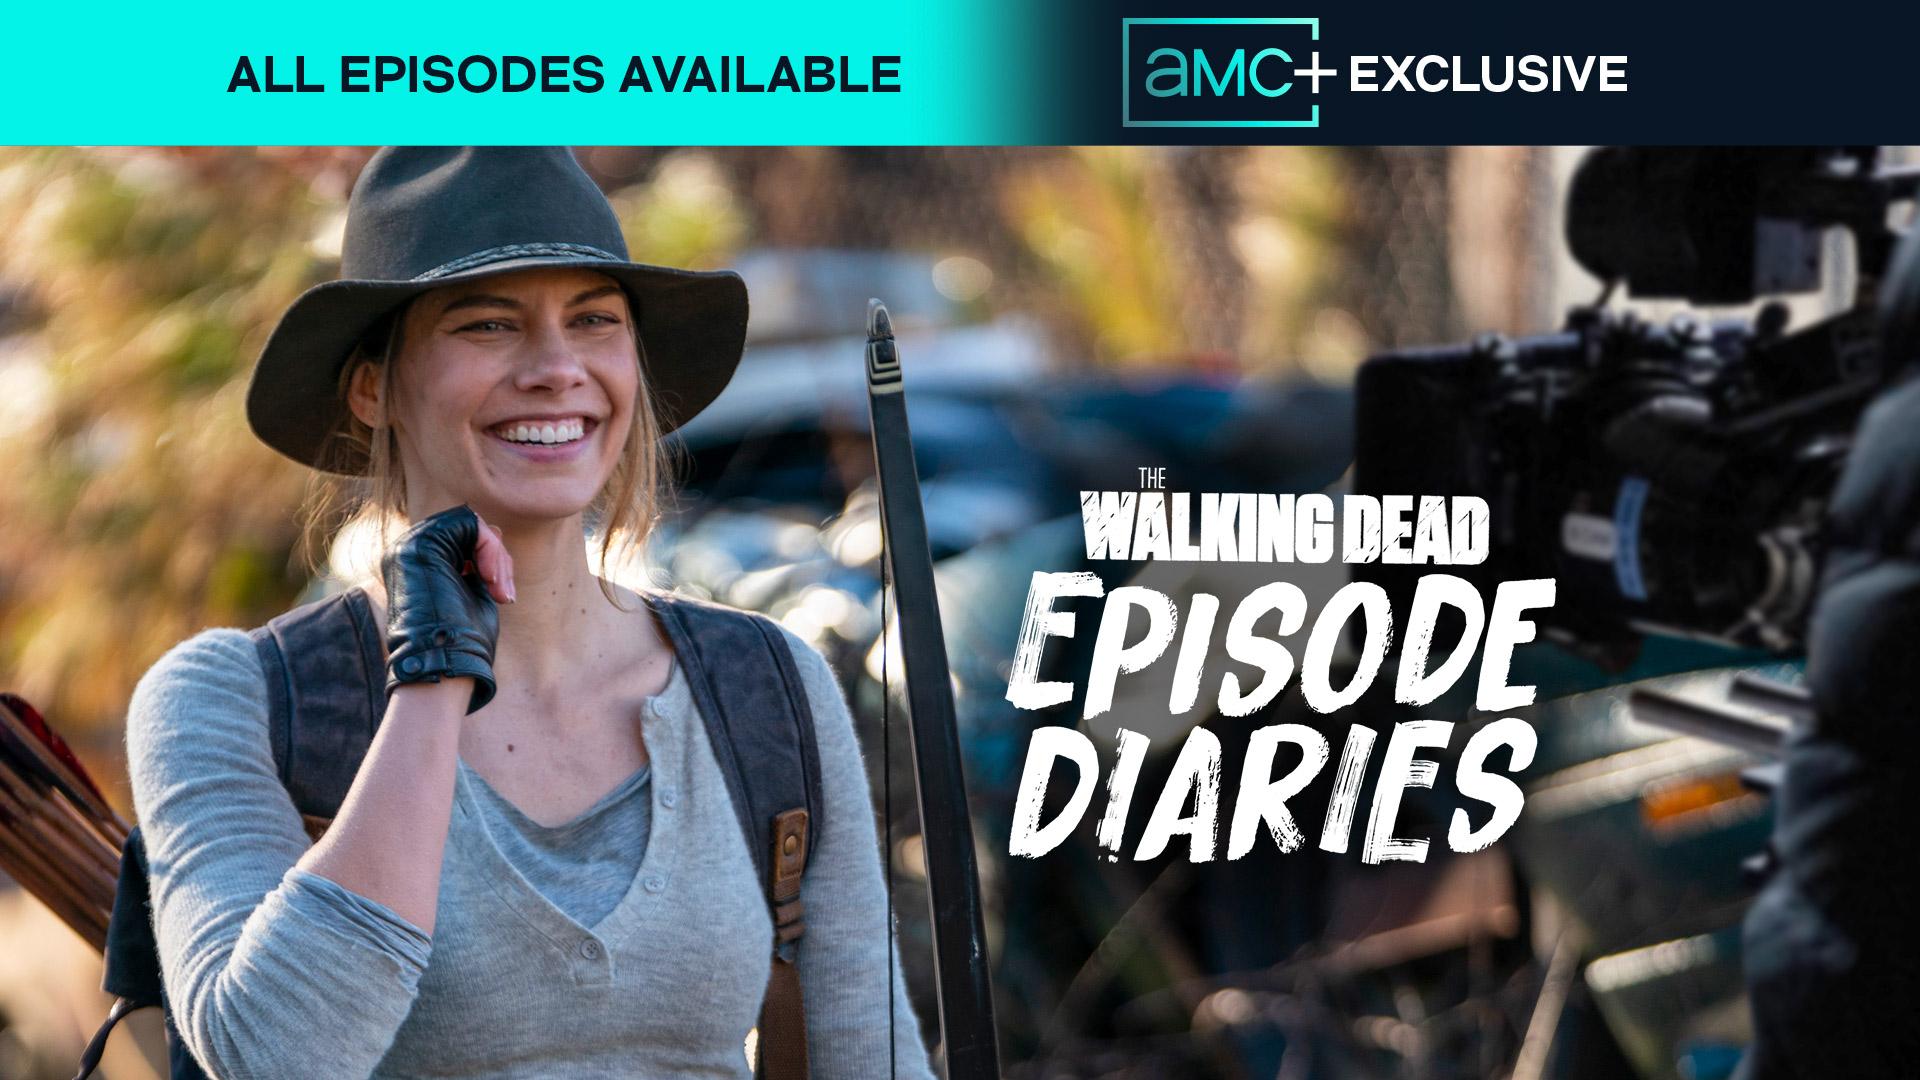 The Walking Dead: Episode Diaries, Season 1